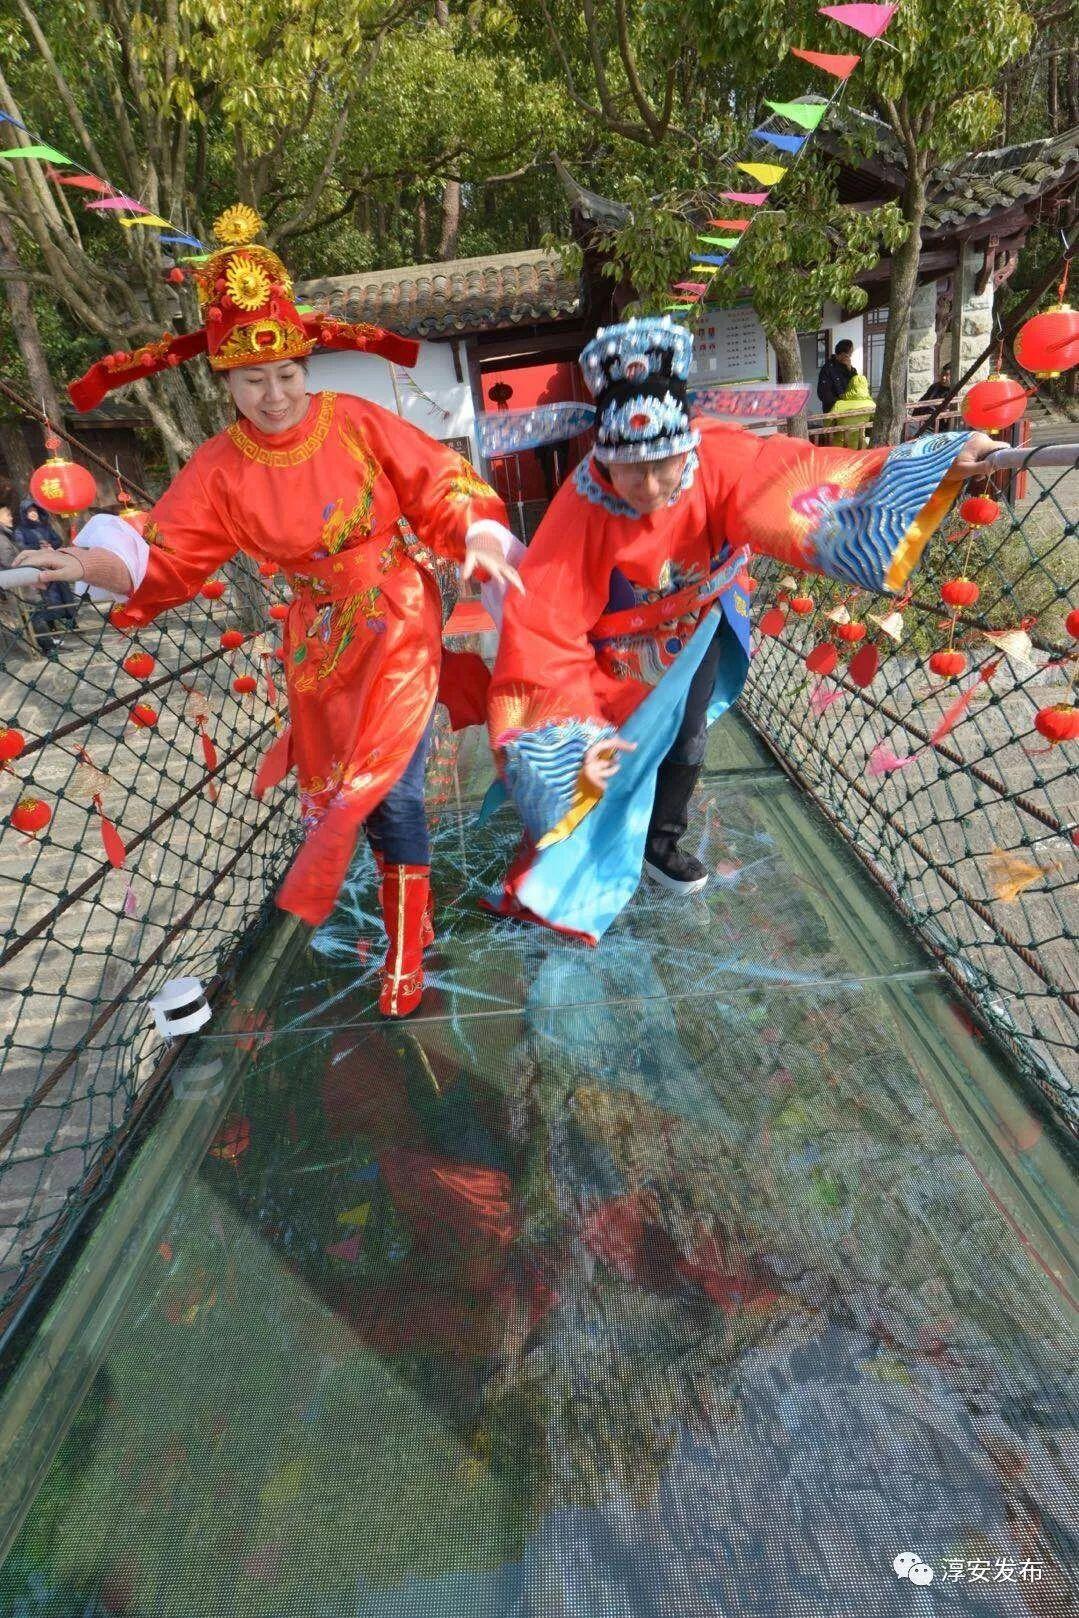 千岛湖景区造了一座5D水晶桥,结果第一脚就踩裂了……